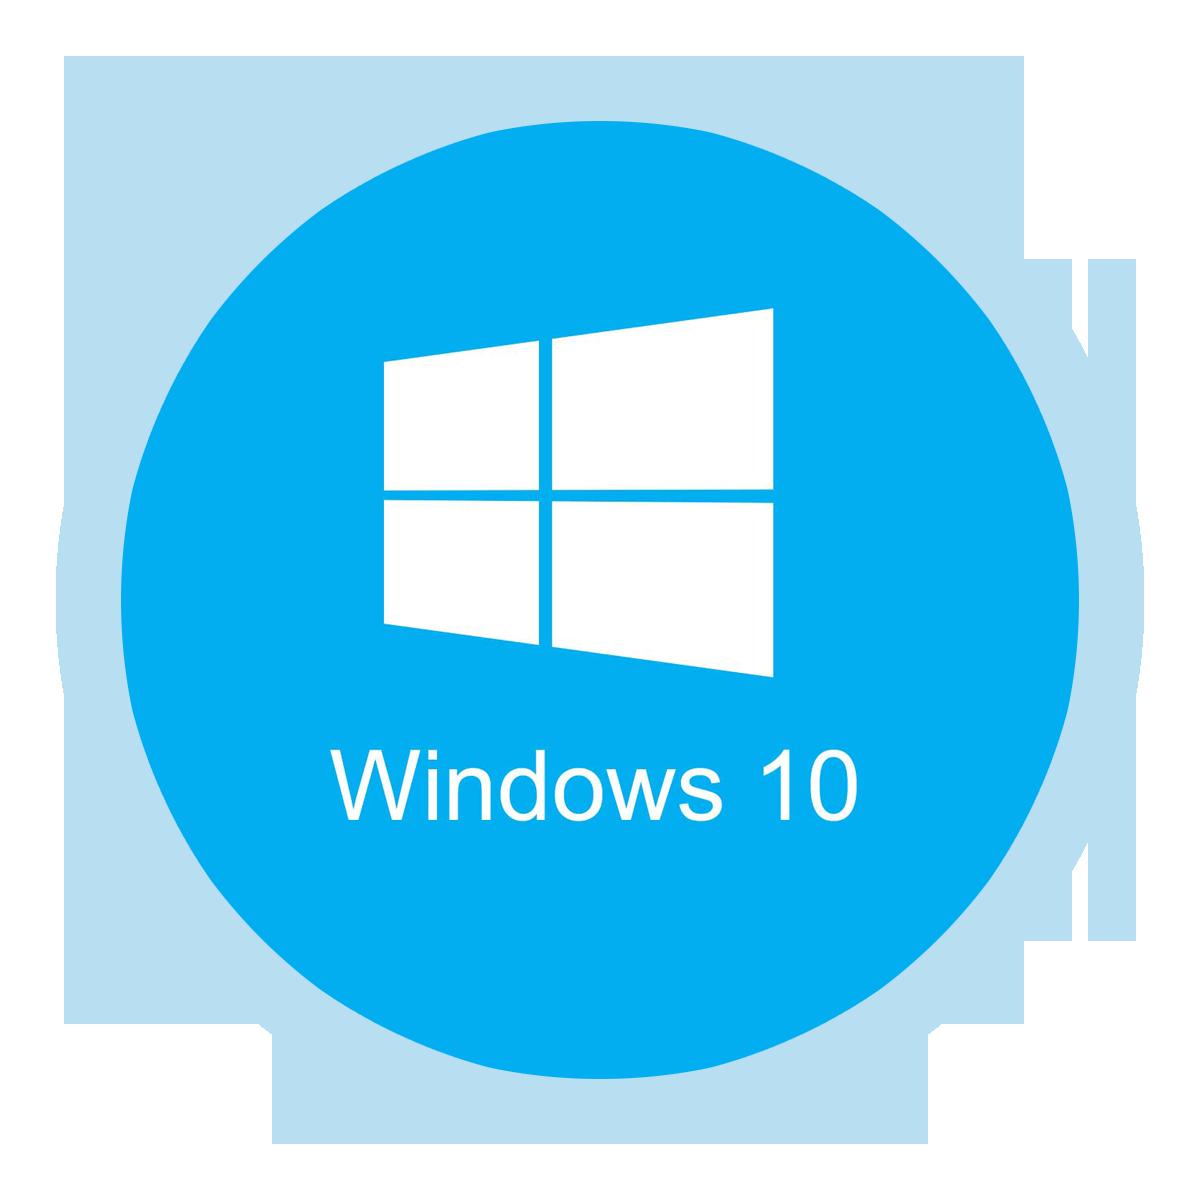 Windows 10 hakkında merak edilen sorular. TEKNOLOJİ